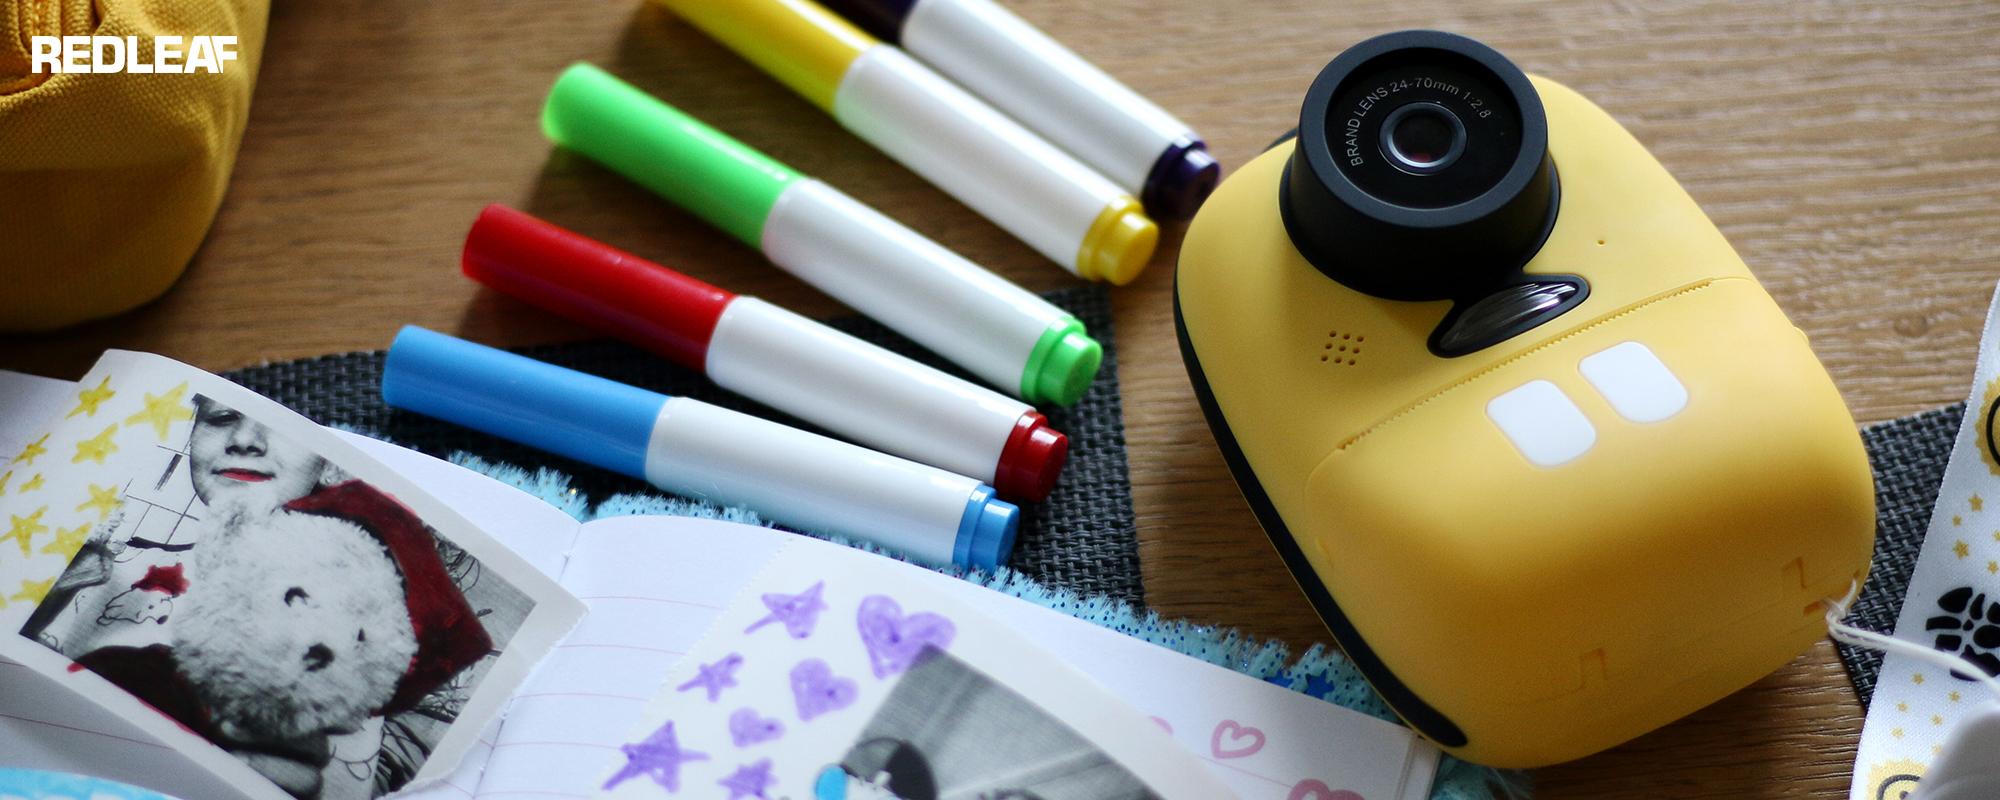 Aparat fotograficzny z drukarką dla dzieci Redleaf BOB leżący na biurku razem z kolorowymi mazakami